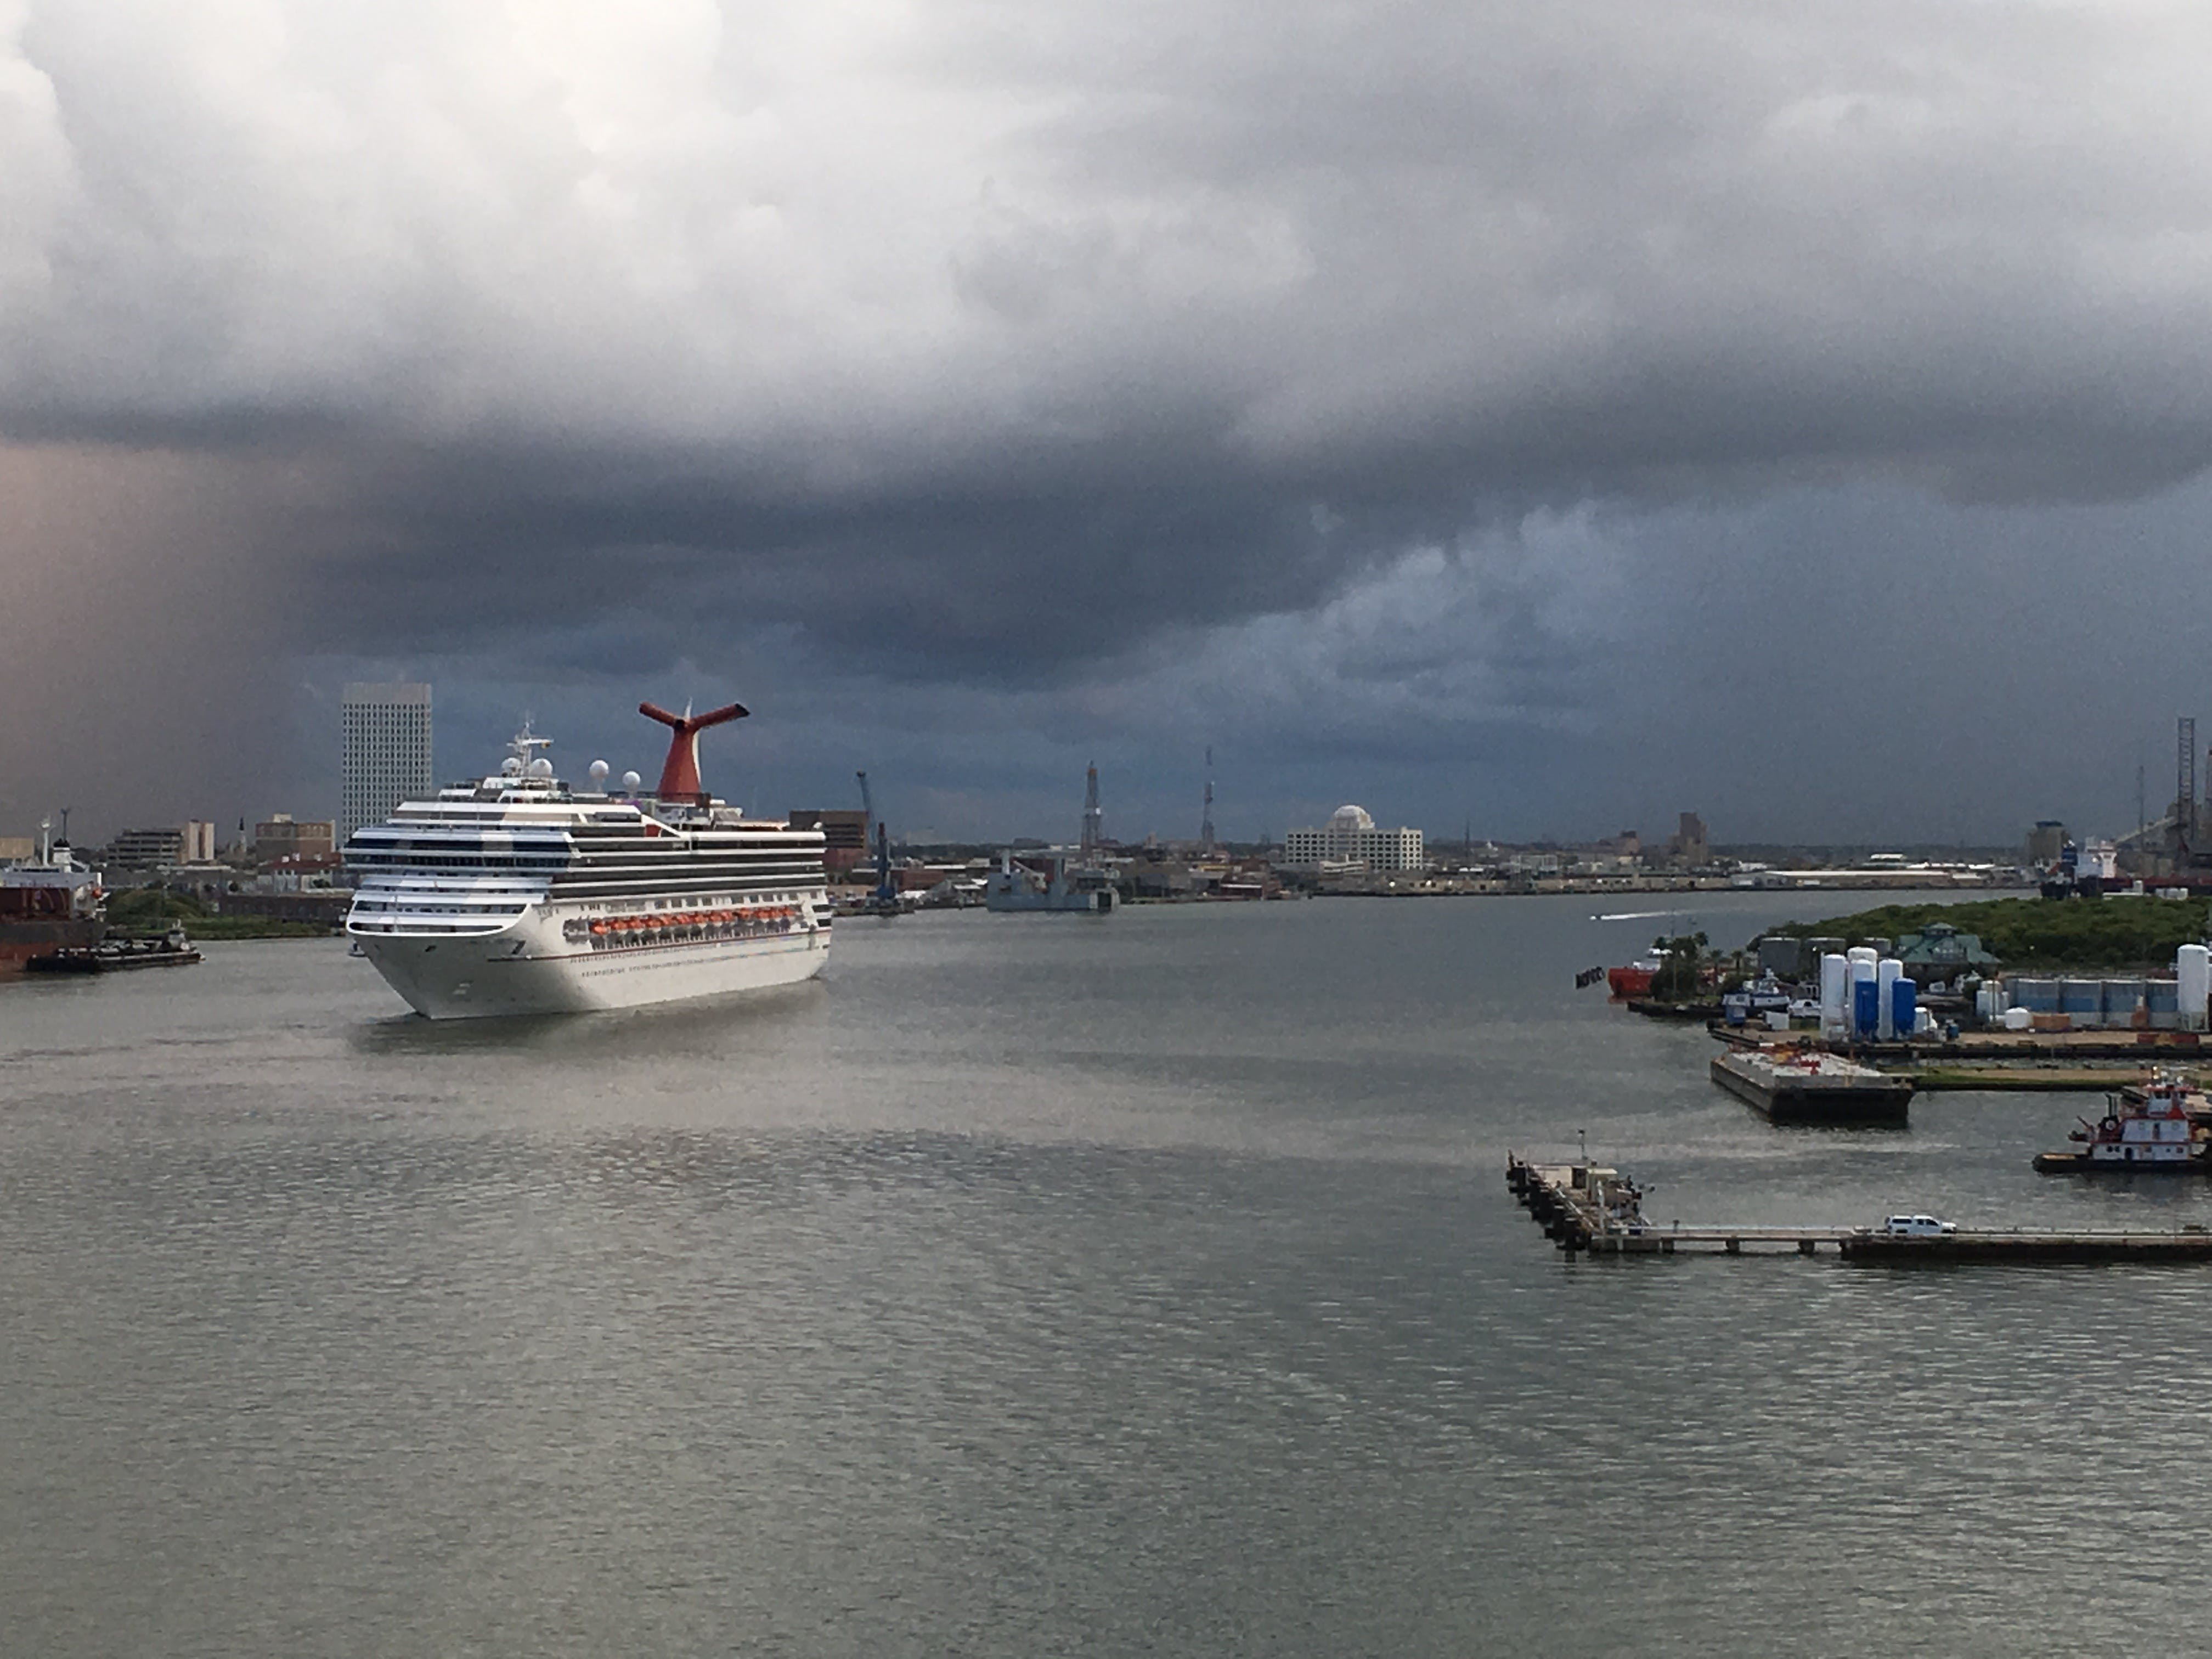 Gratis lagerfoto af havn, krydstogtskib, storm, vand